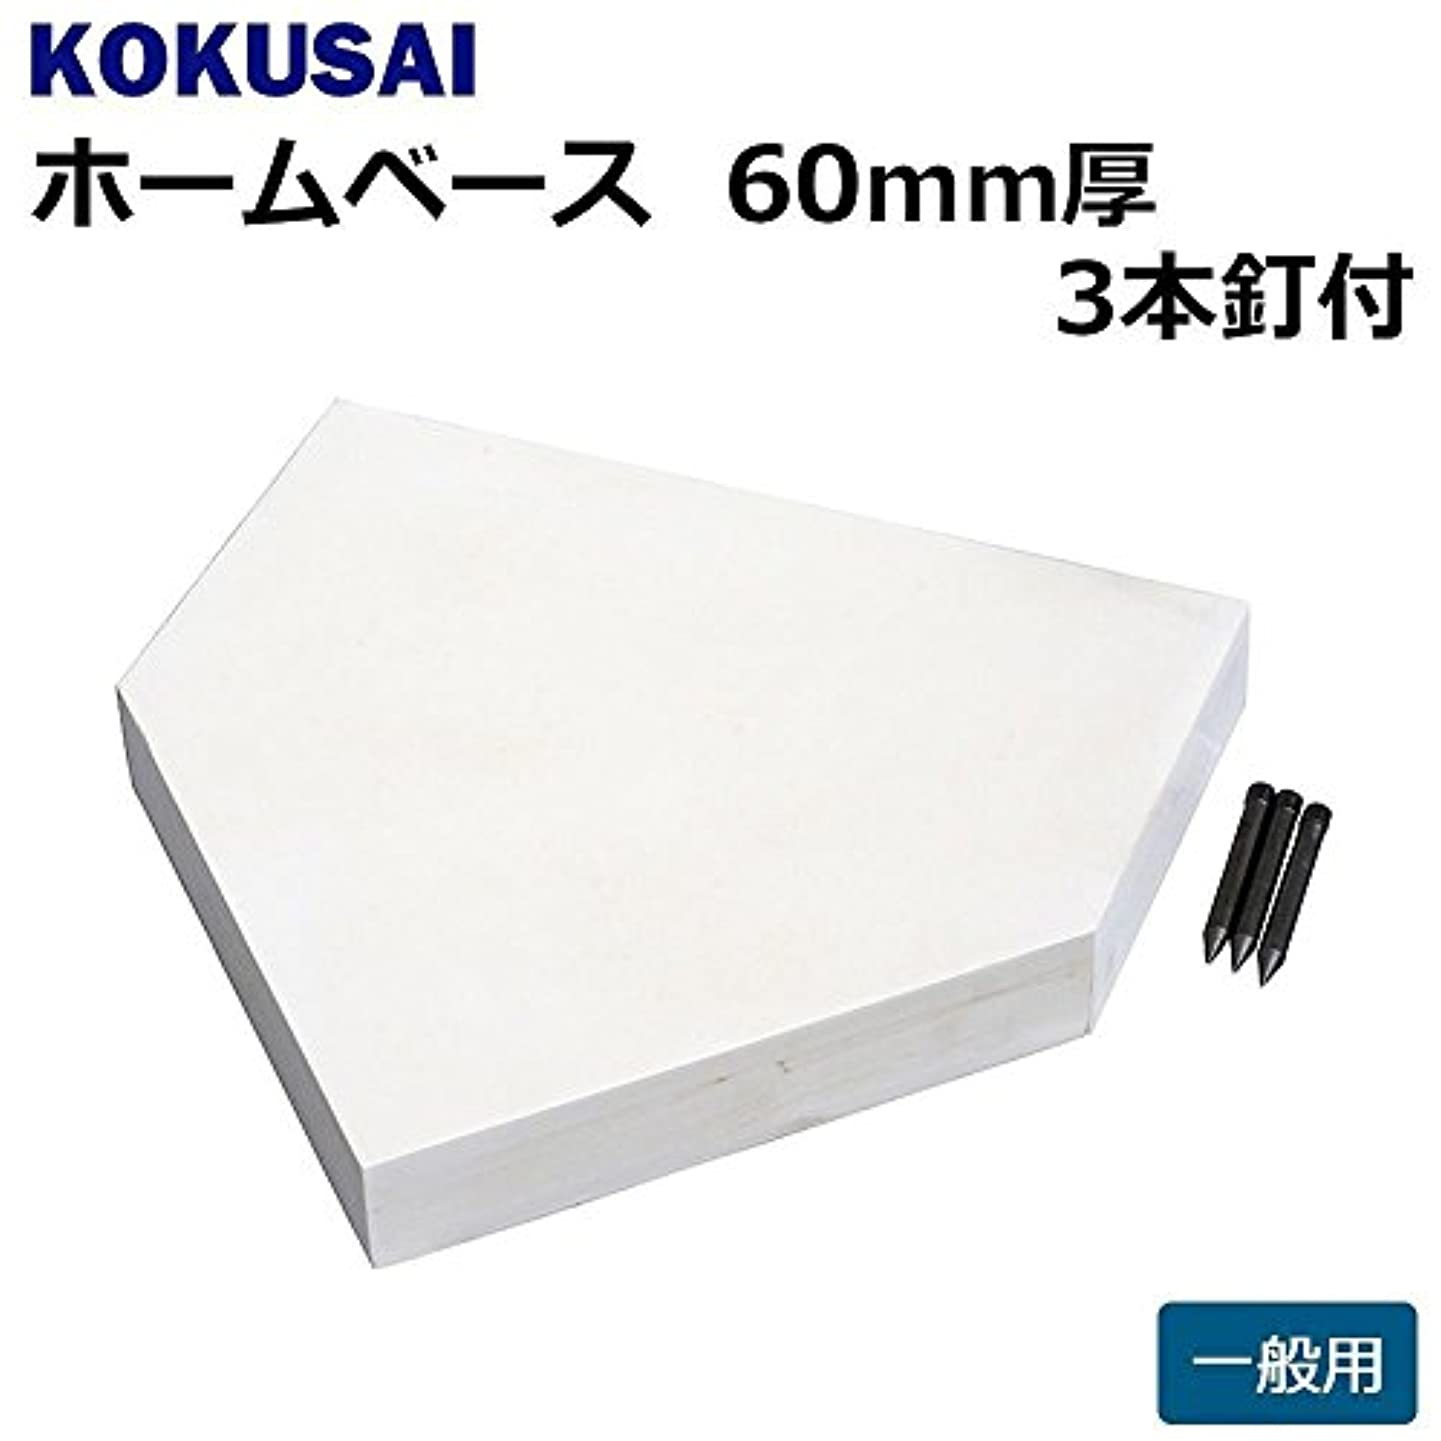 してはいけない本土目覚めるコクサイ KOKUSAI ホームベース 一般用 60mm厚 3本釘付 1枚 RB160【同梱?代引不可】